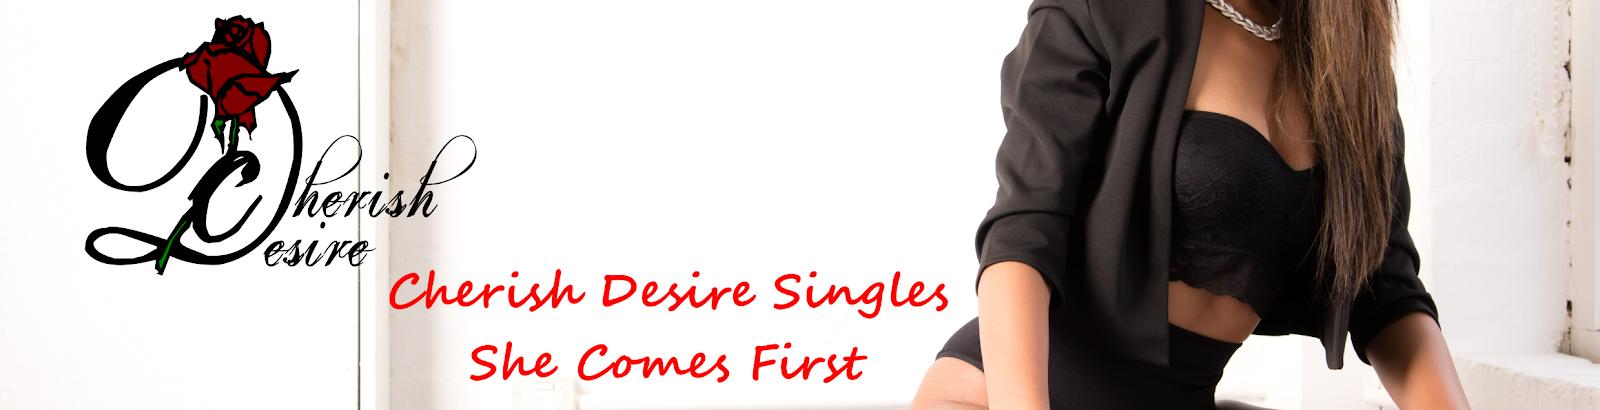 Cherish Desire Singles She Comes First, Max D, Lelith L, erotica